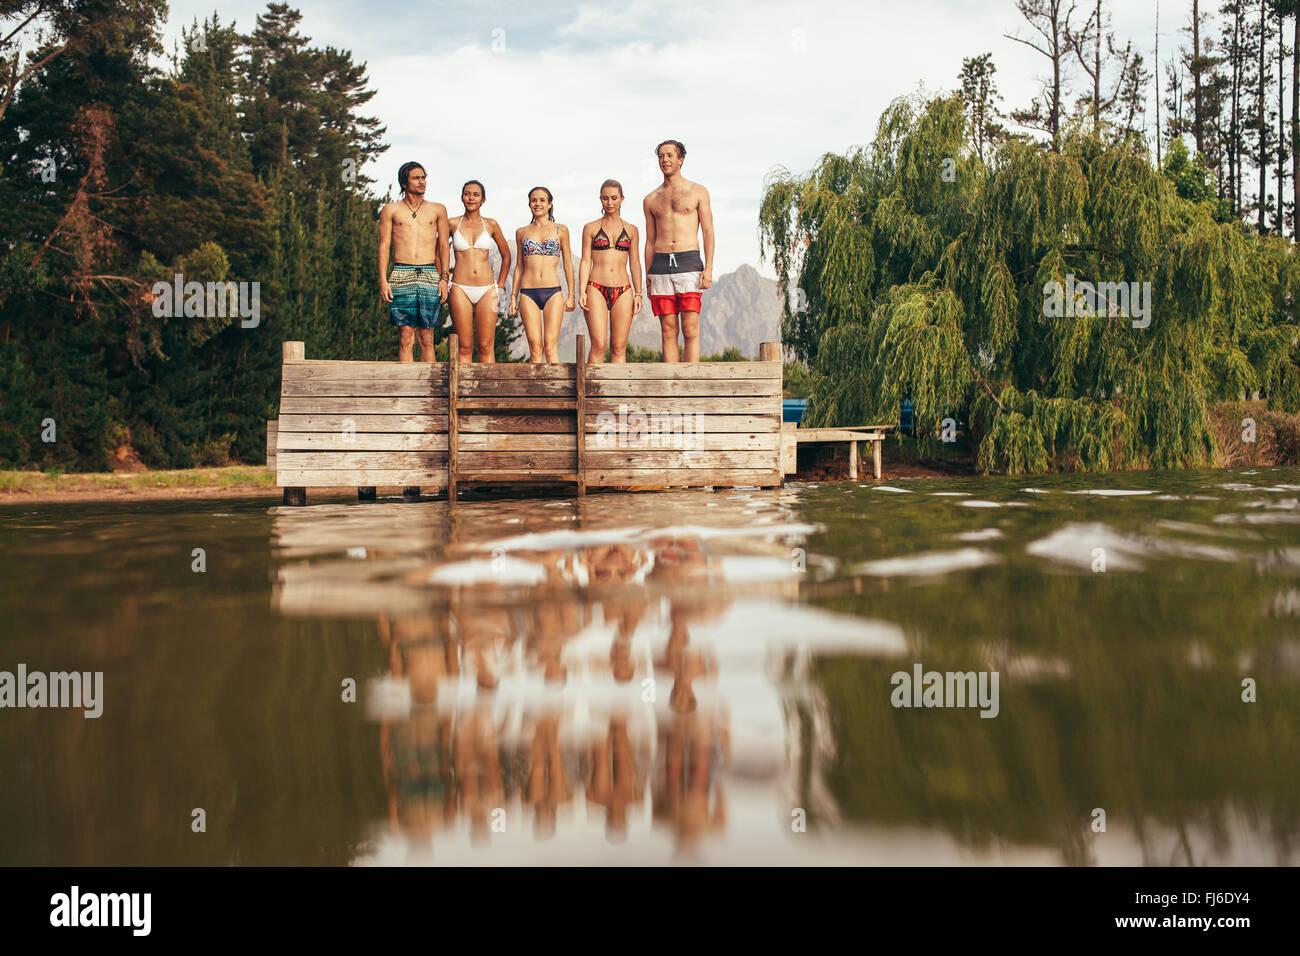 Ritratto di un gruppo di giovani in piedi sul bordo del molo sul lago. Giovani amici in piedi in fila sul molo. Immagini Stock